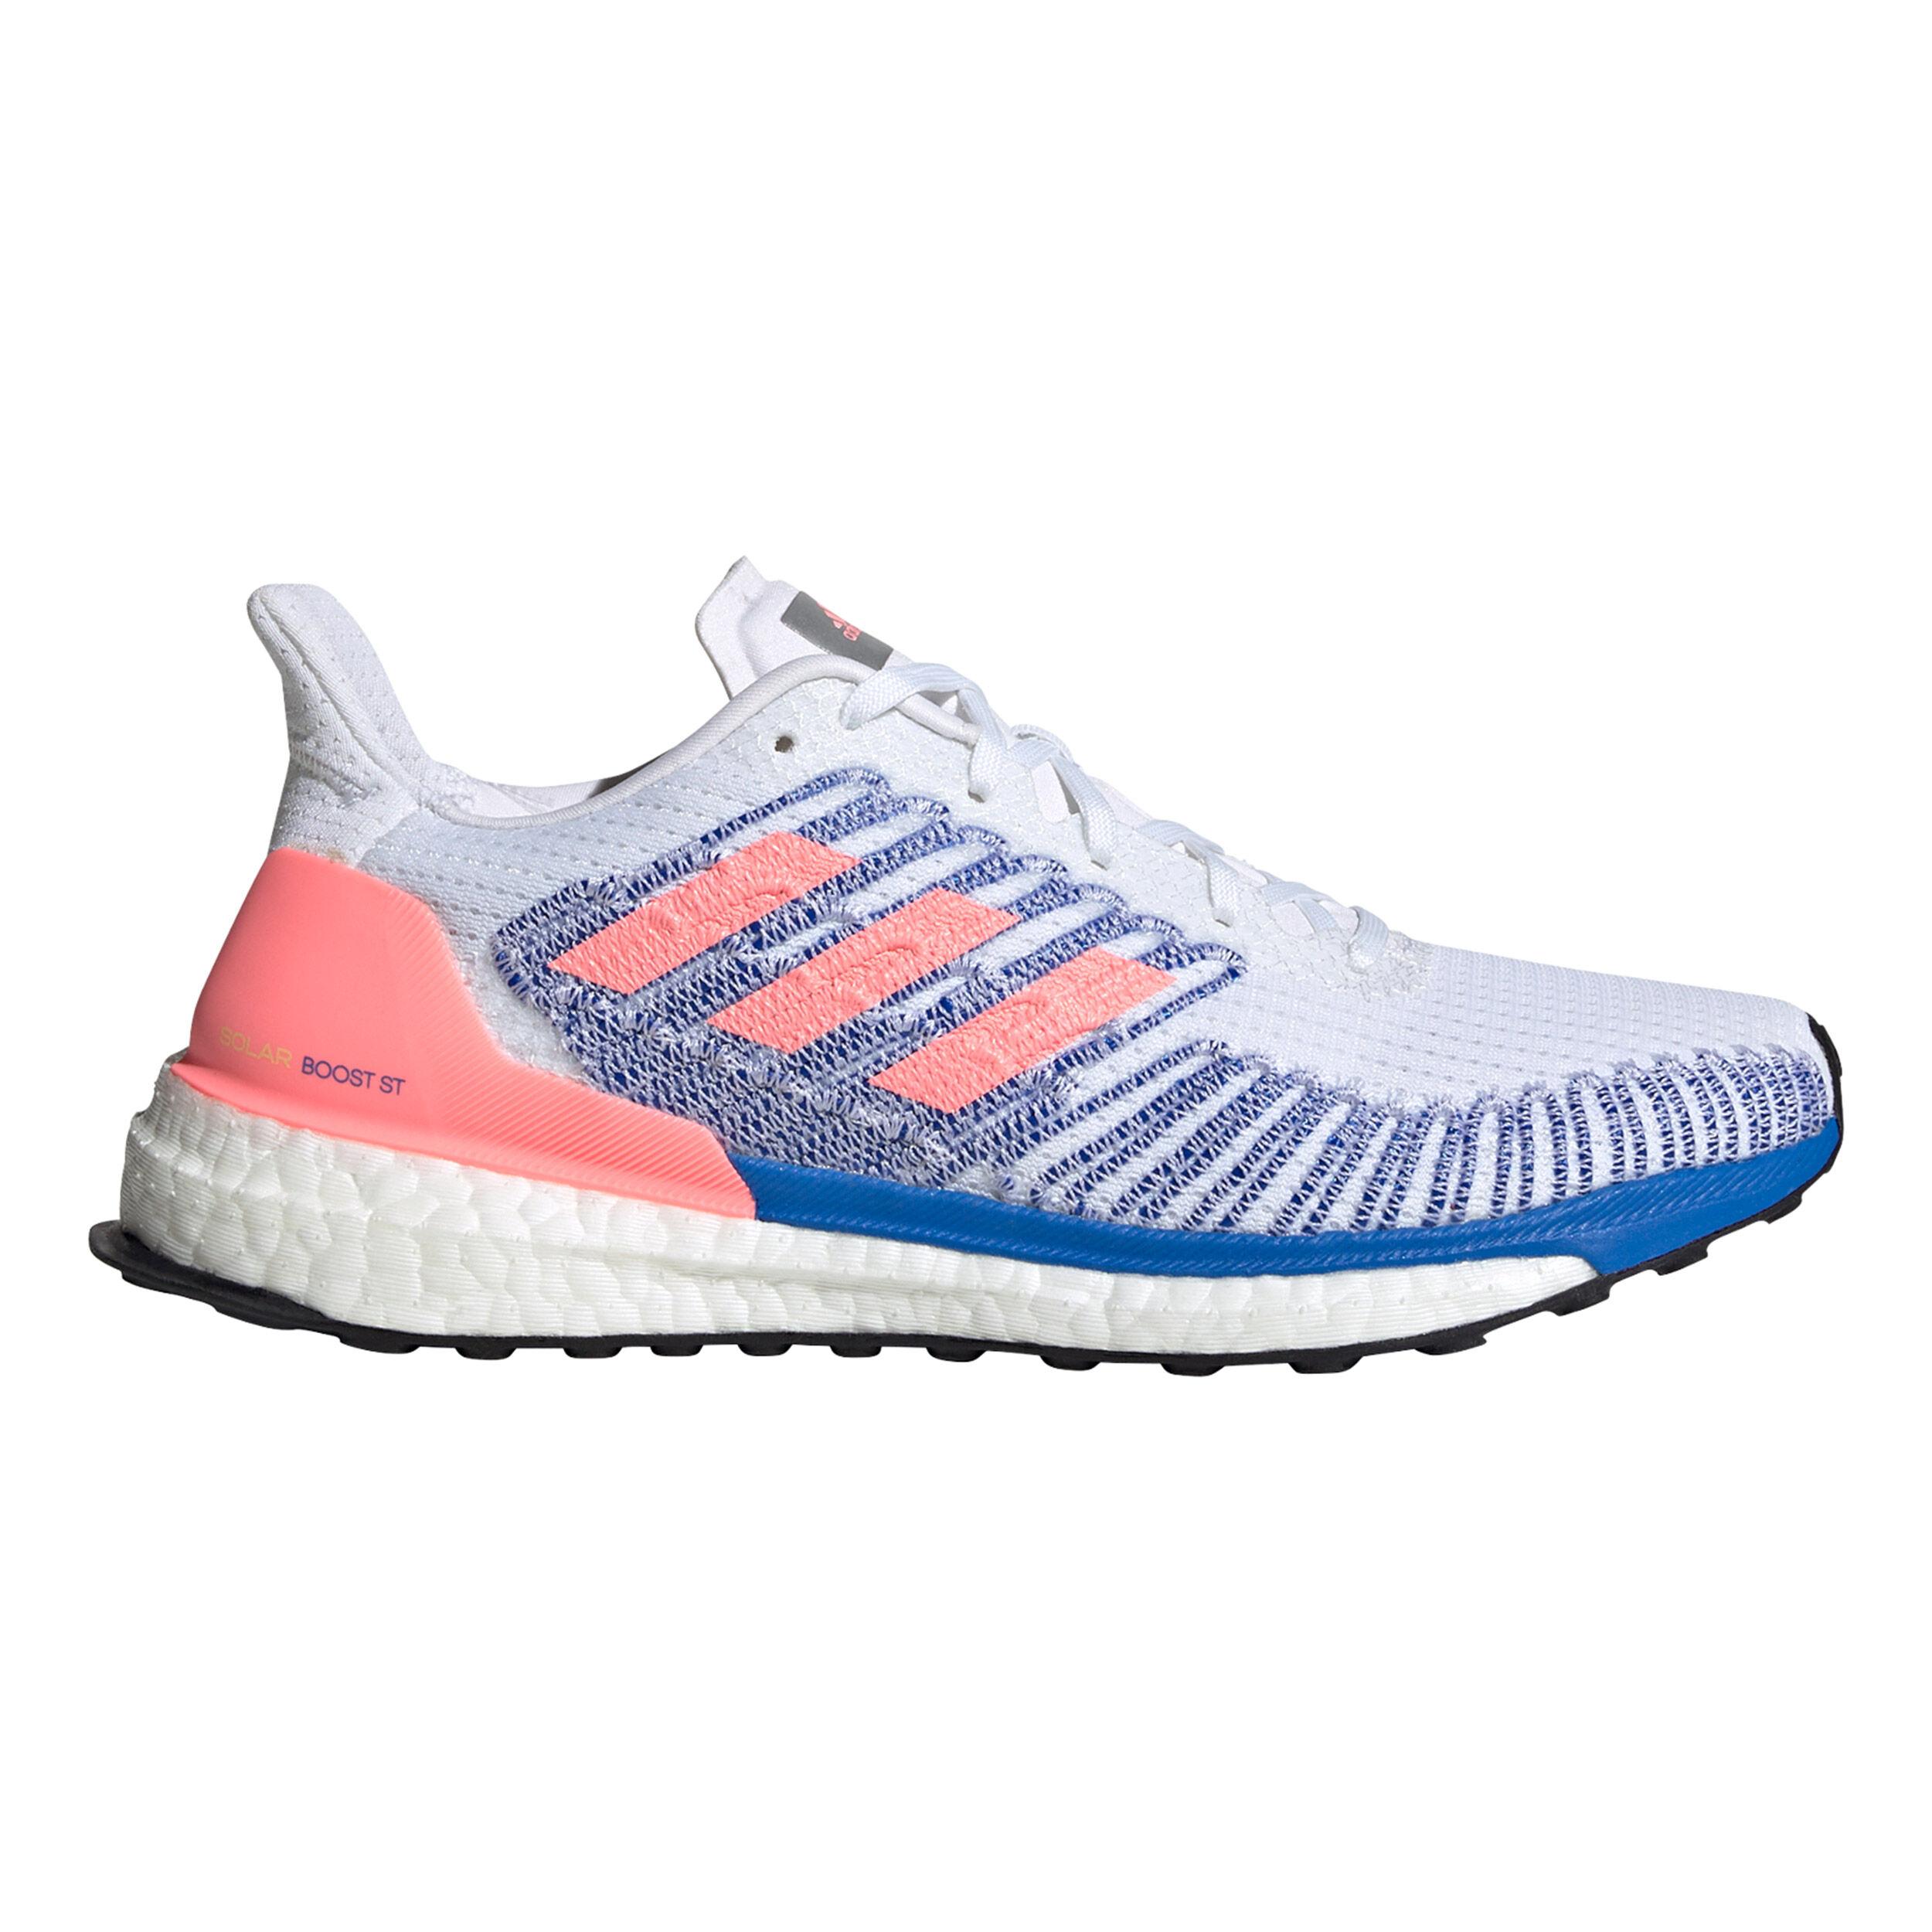 adidas Solar Boost ST 19 Stabilitätsschuh Damen Weiß, Blau